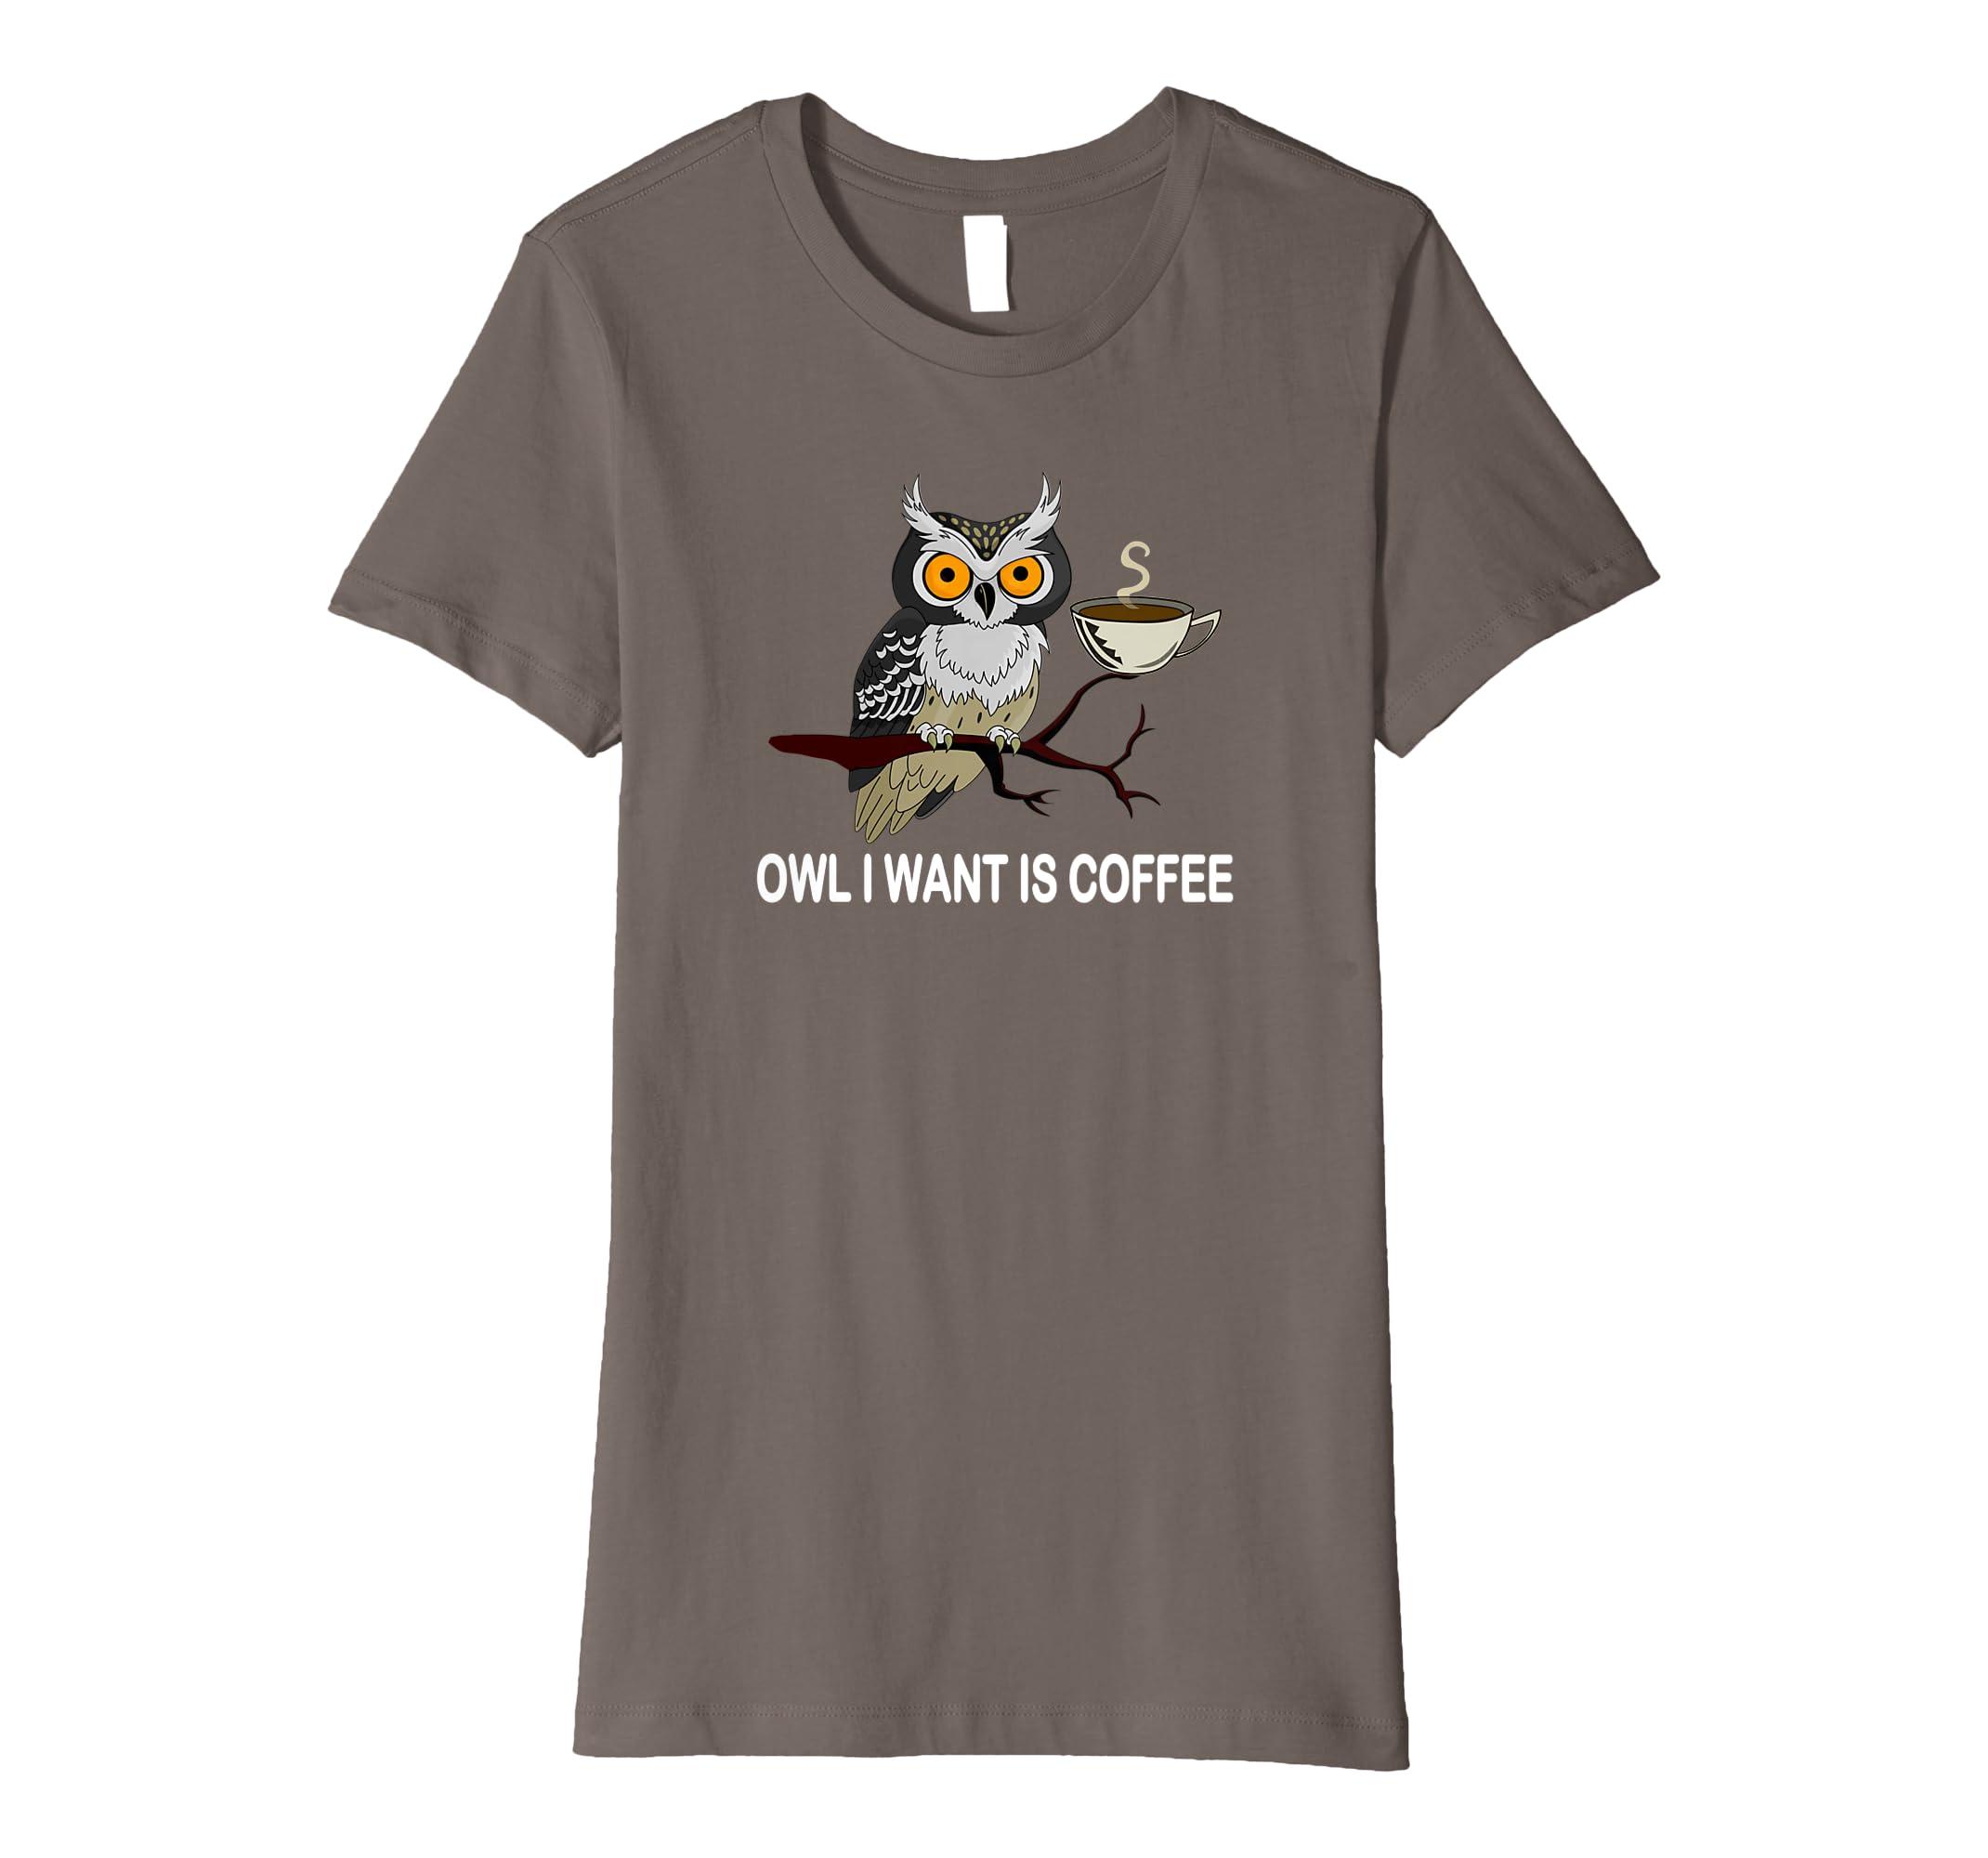 1a3272b6c Amazon.com: Coffee T shirt - Funny Coffee T-shirt - Owl Coffee Tee: Clothing